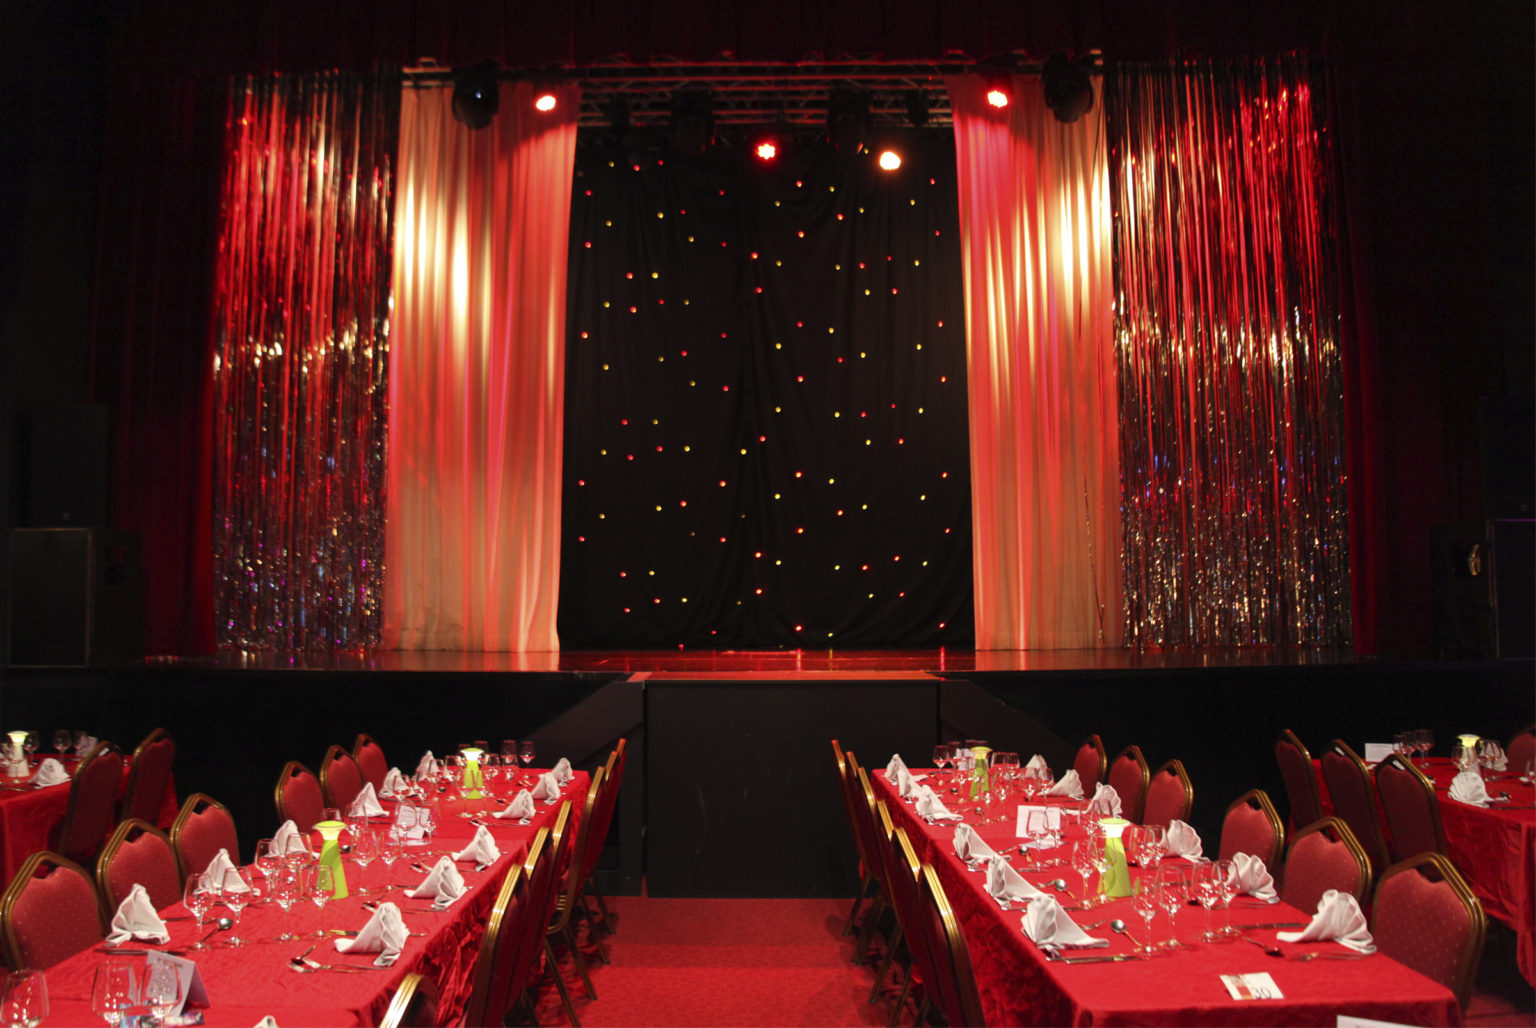 1001 étoiles une salle pouvant accueillir 320 personnes